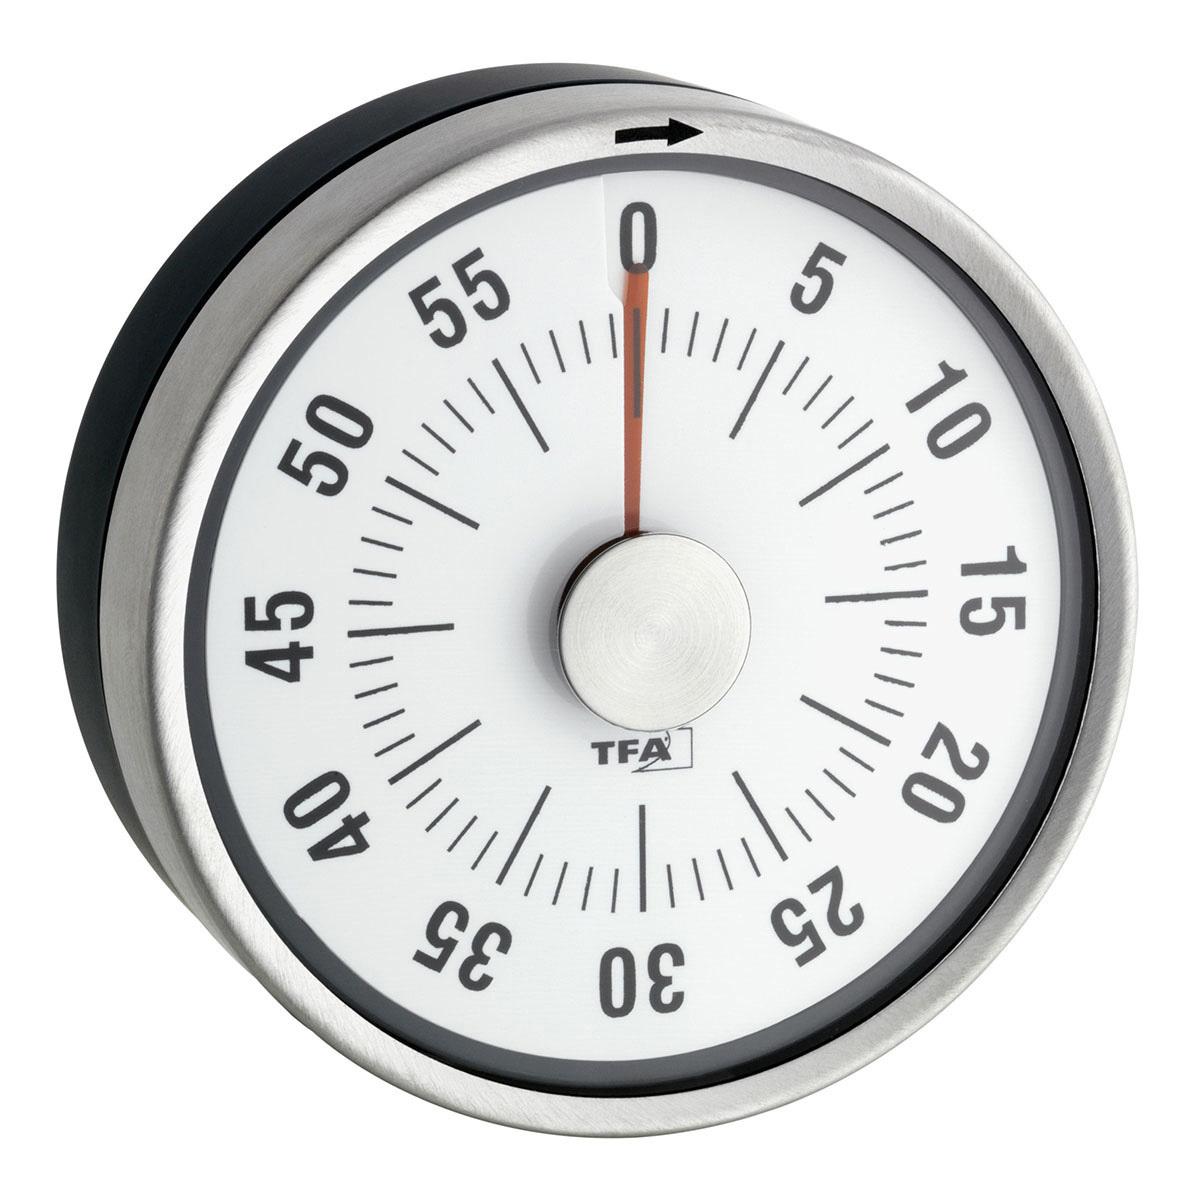 38-1028-10-analoger-küchen-timer-puck-1200x1200px.jpg